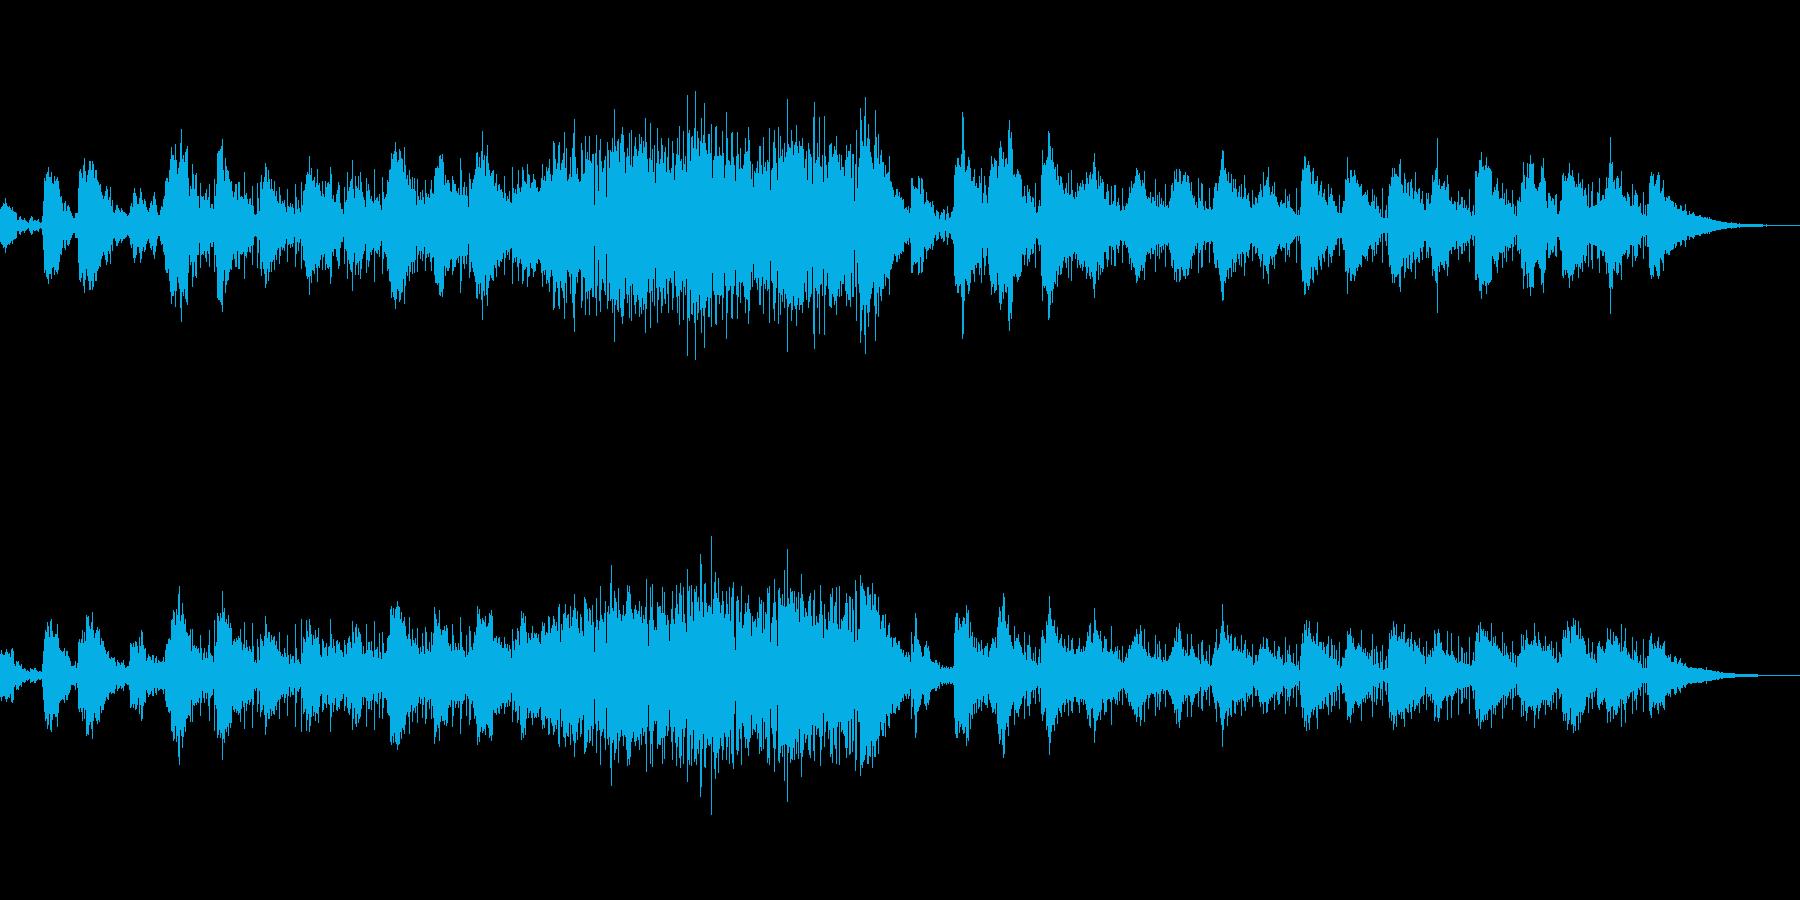 シネマティックなギターサウンドスケープの再生済みの波形